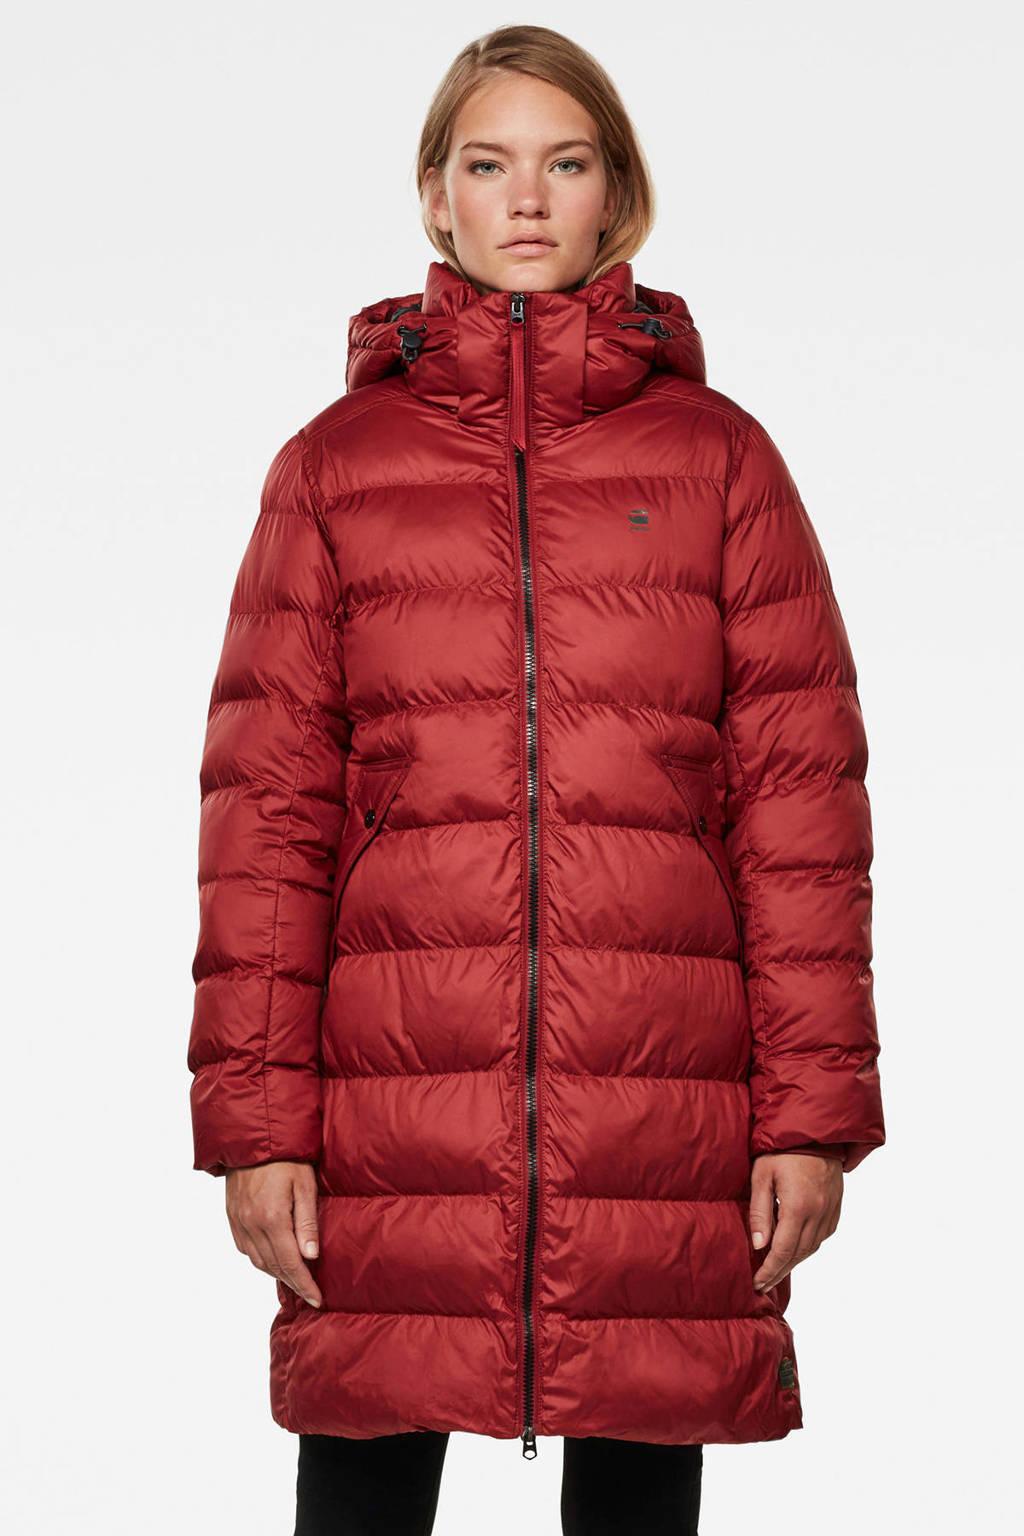 G-Star RAW gewatteerde jas met afneembare capuchon Whistler dry red